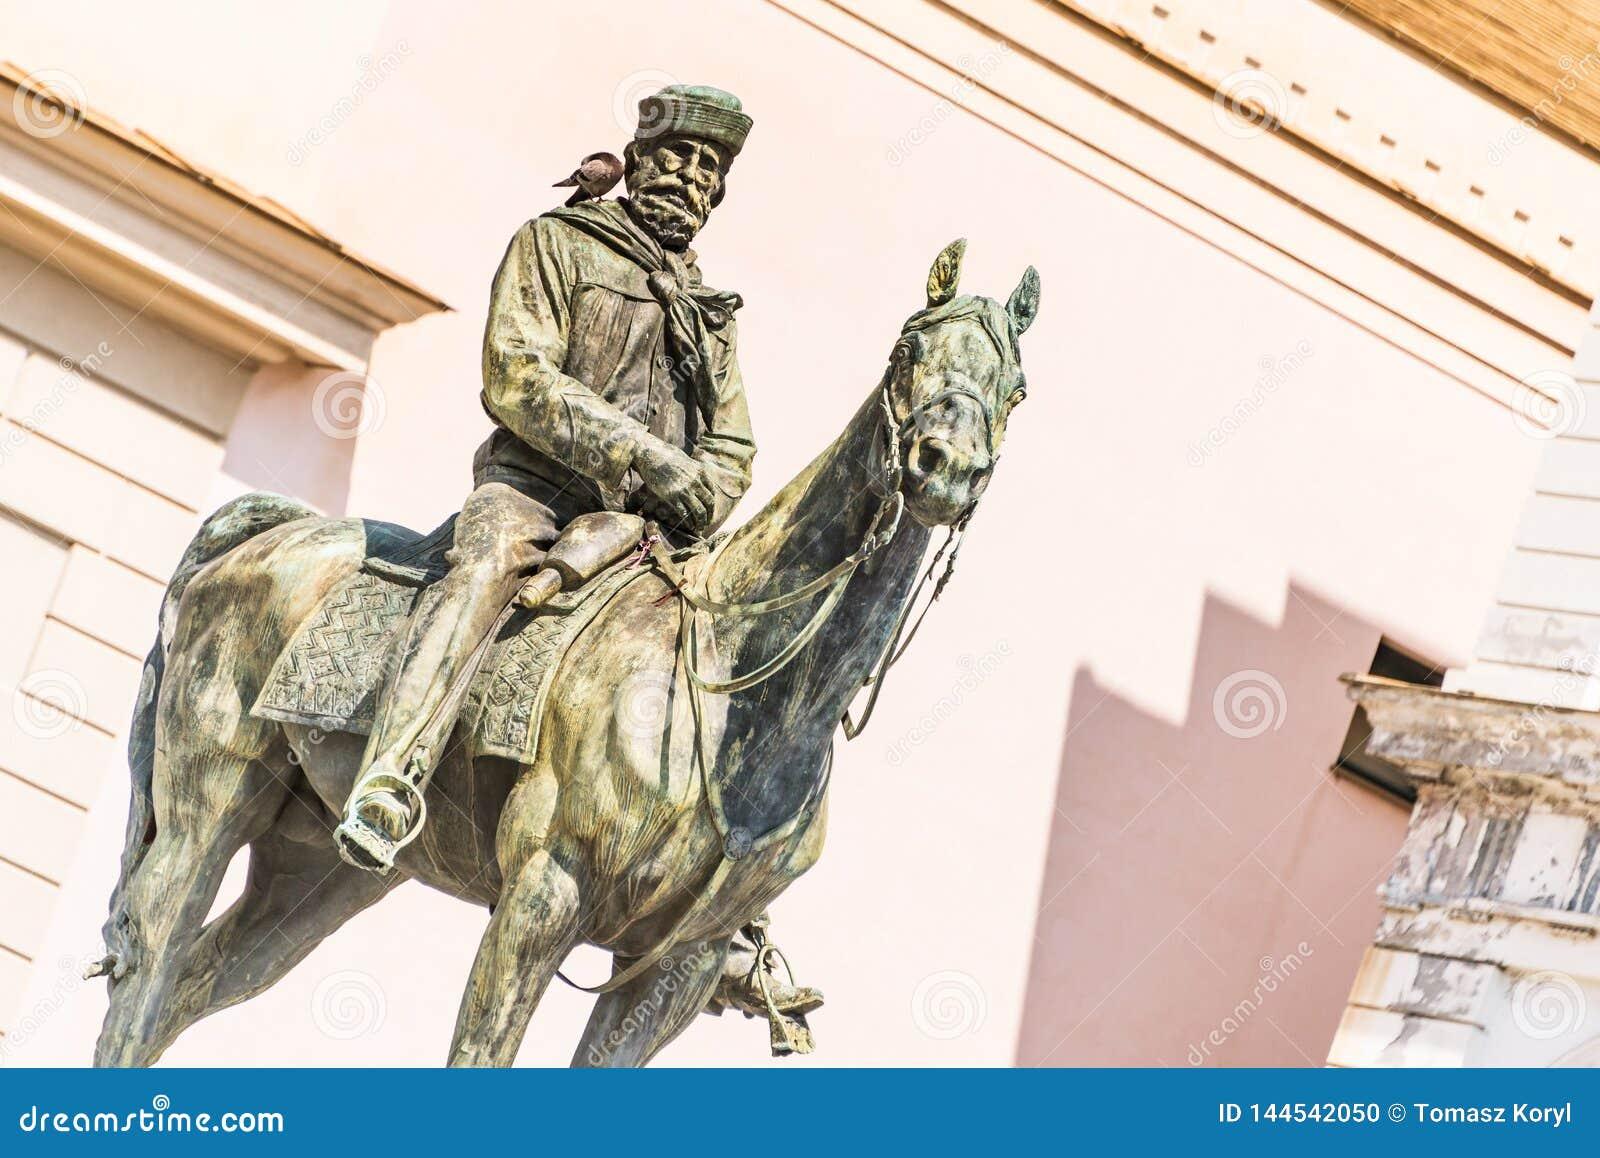 La estatua de Giuseppe Garibaldi en el caballo, Genoa Piazza de Ferrari, en el centro de Génova, Liguria, Italia [t